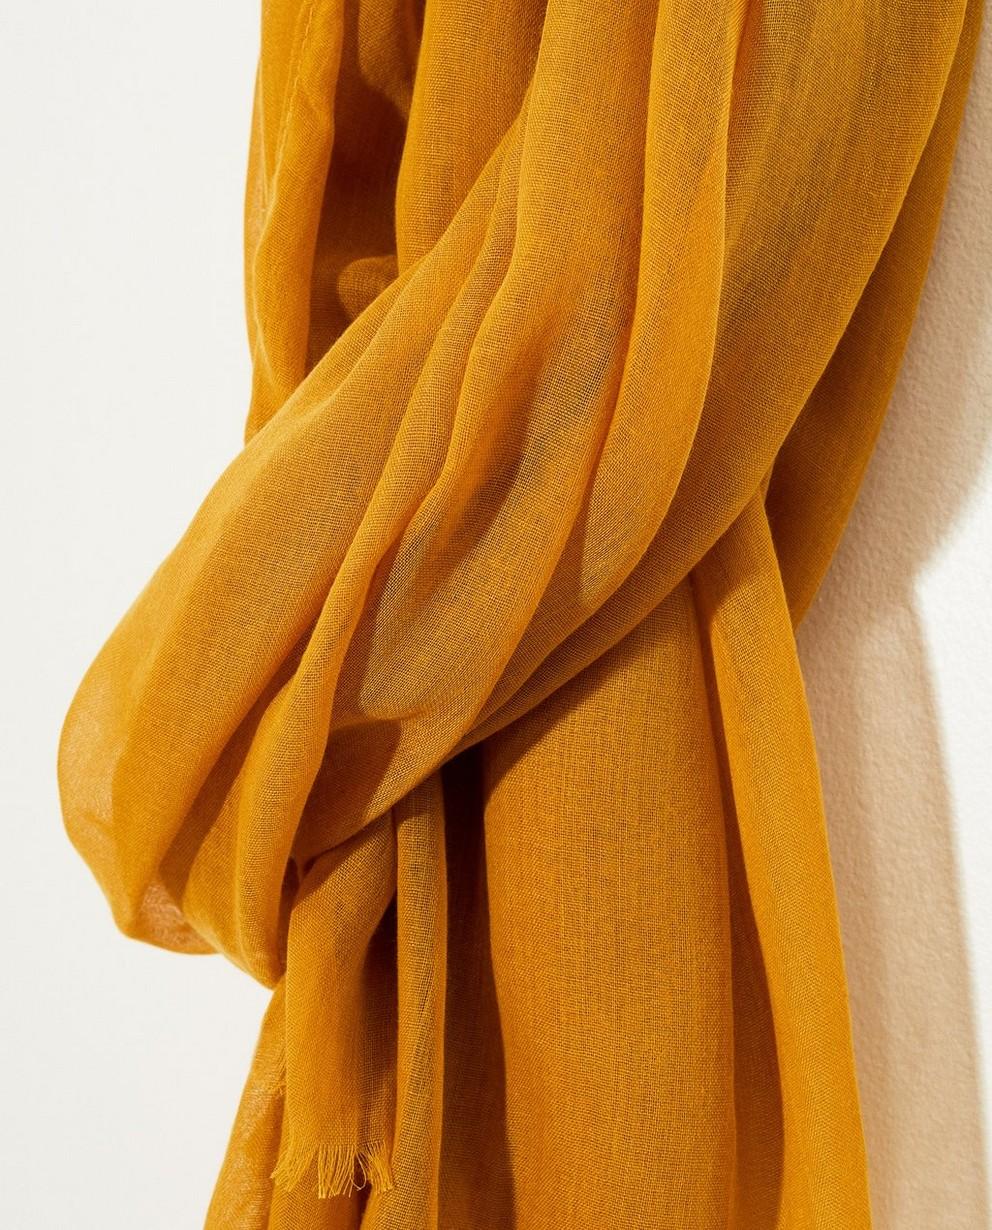 Breigoed - GLM - Gele sjaal met rafels